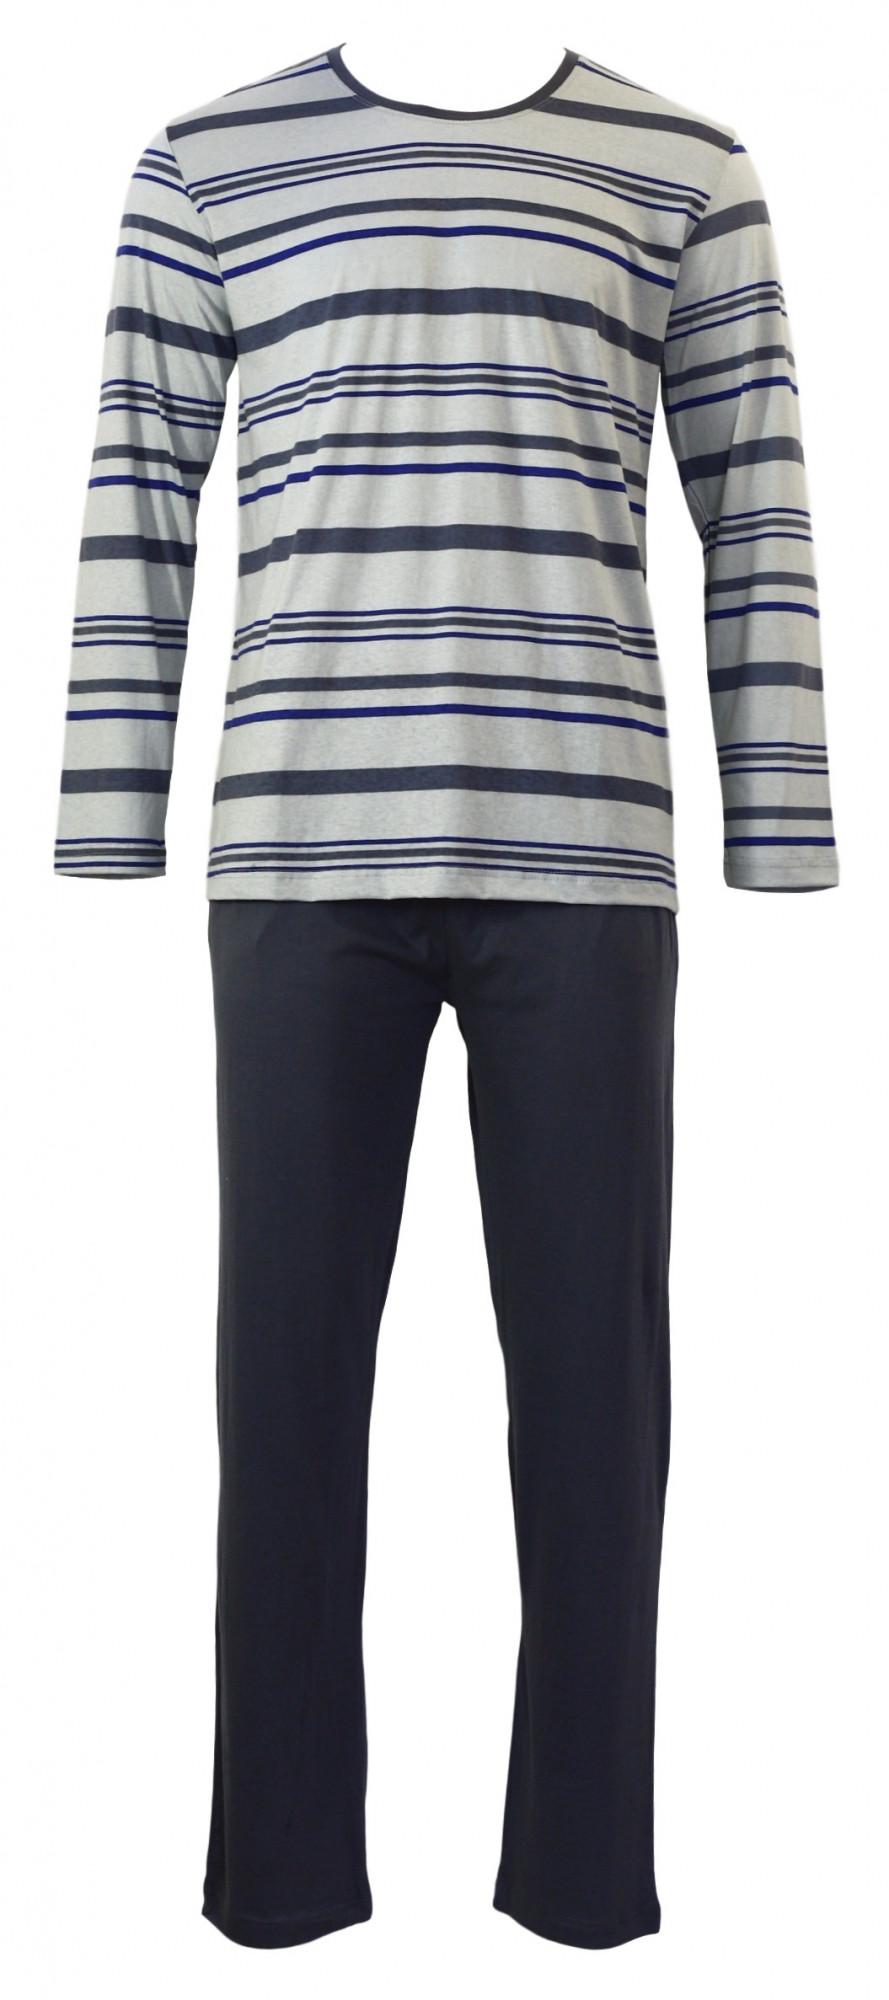 Pánské pyžamo 4497 - Gazzaz Barva: šedo-modrá, Velikost: XL